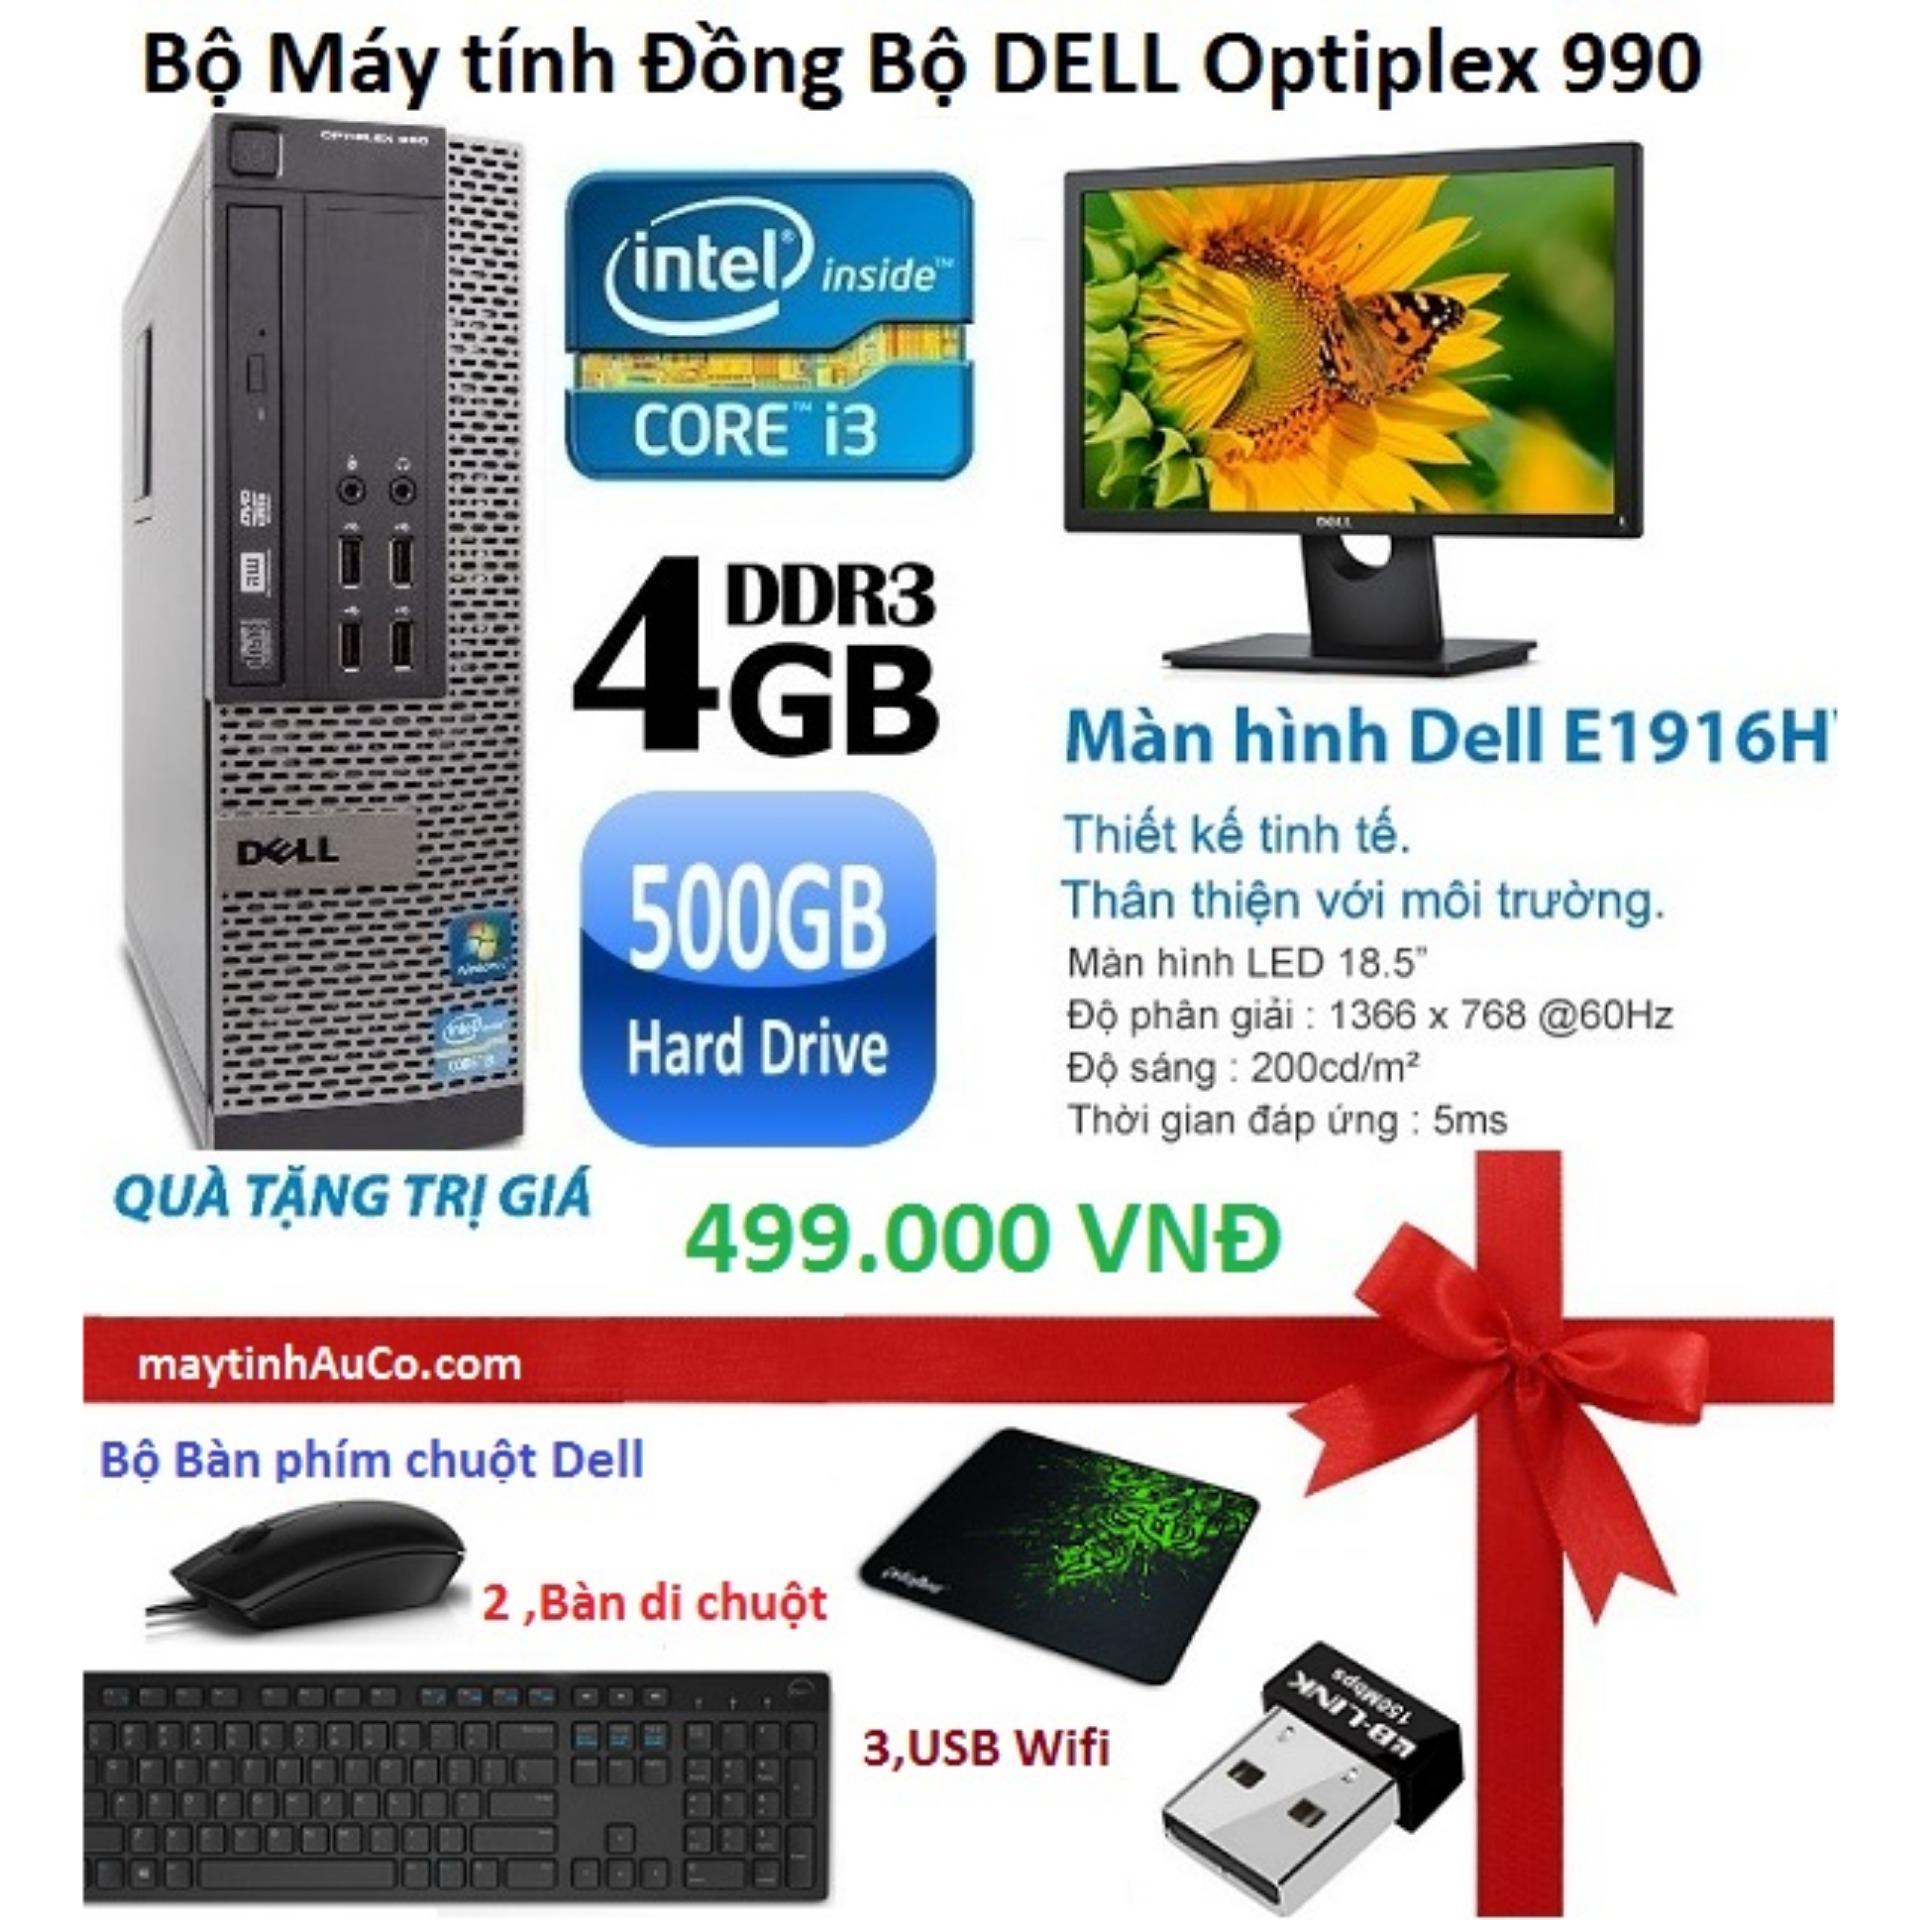 Đồng Bộ Dell Optiplex 990 (Core i3 2100 / 4G / 500G ), Màn hình Dell 18.5inch Wide Led , Tặng bàn phím chuột Dell , USB Wifi , Bàn di chuột  - Hàng Nhập Khẩu